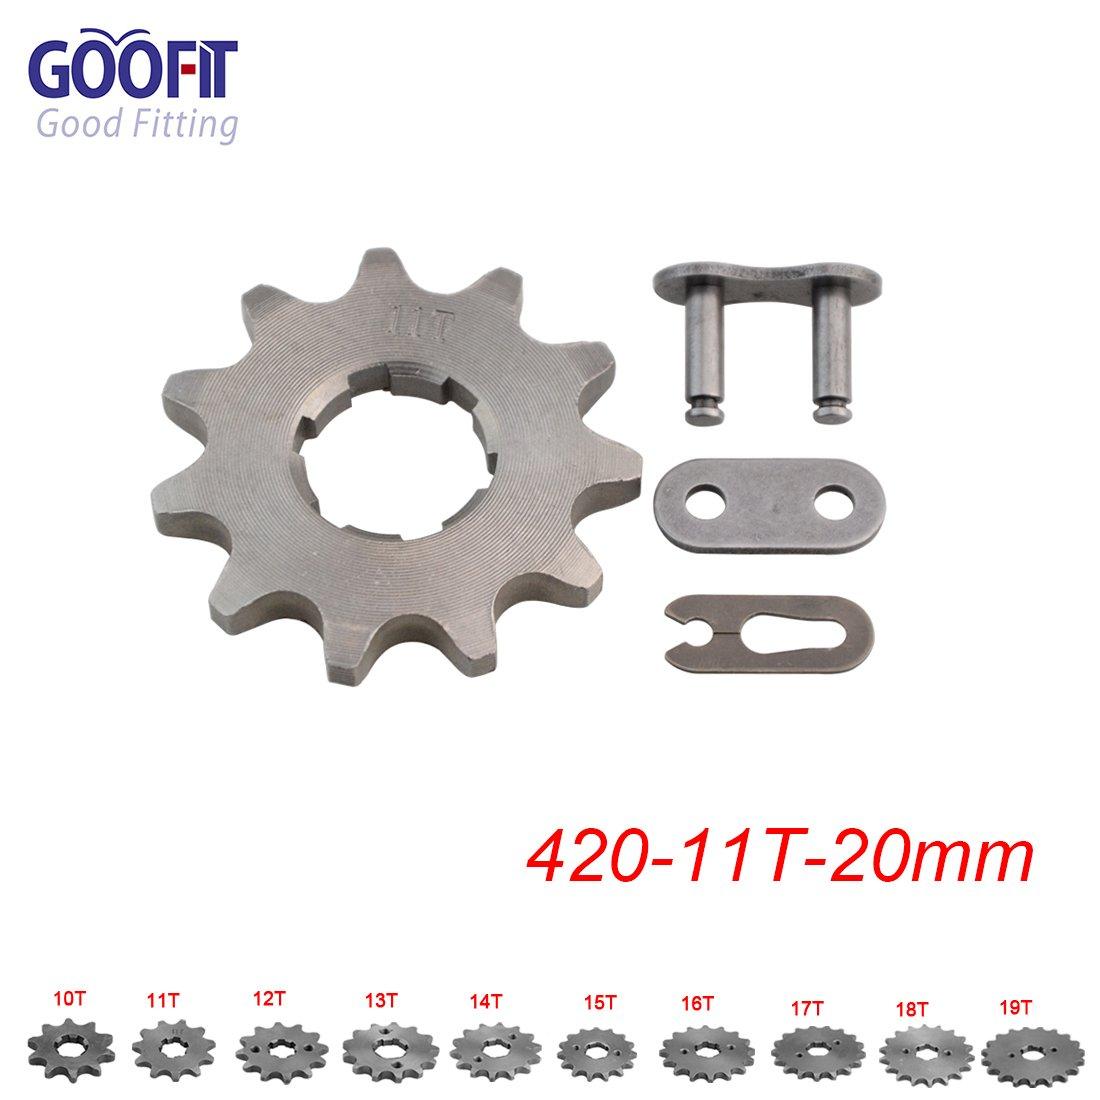 Goofit 420 19 T 20mm dents moto Pignon moteur Pignons coniques de cha/îne Engine For 50cc 70cc 90cc 110cc Motorcycle Dirt Bike ATV Quad